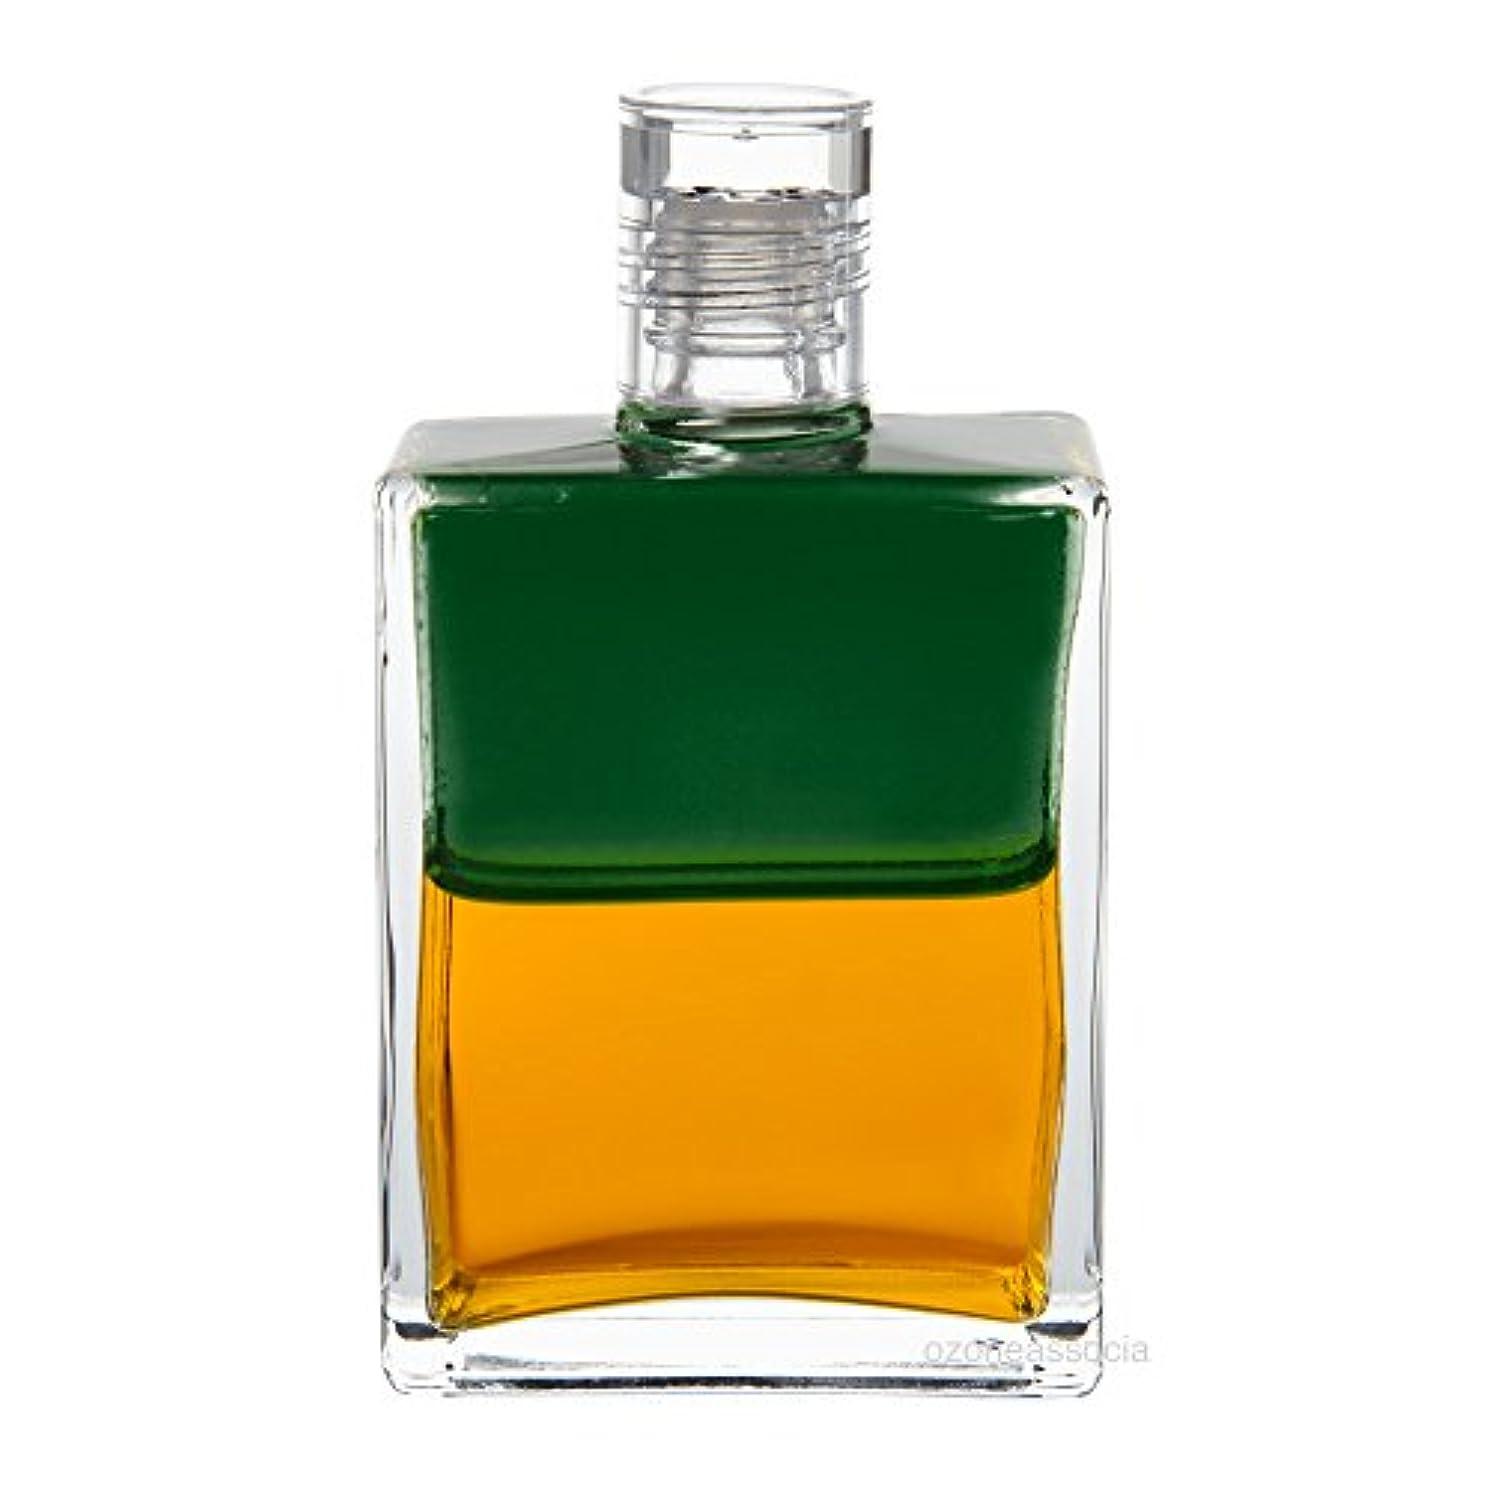 ロビー応援する殺人者オーラソーマ ボトル 31番  泉 (グリーン/ゴールド) イクイリブリアムボトル50ml Aurasoma